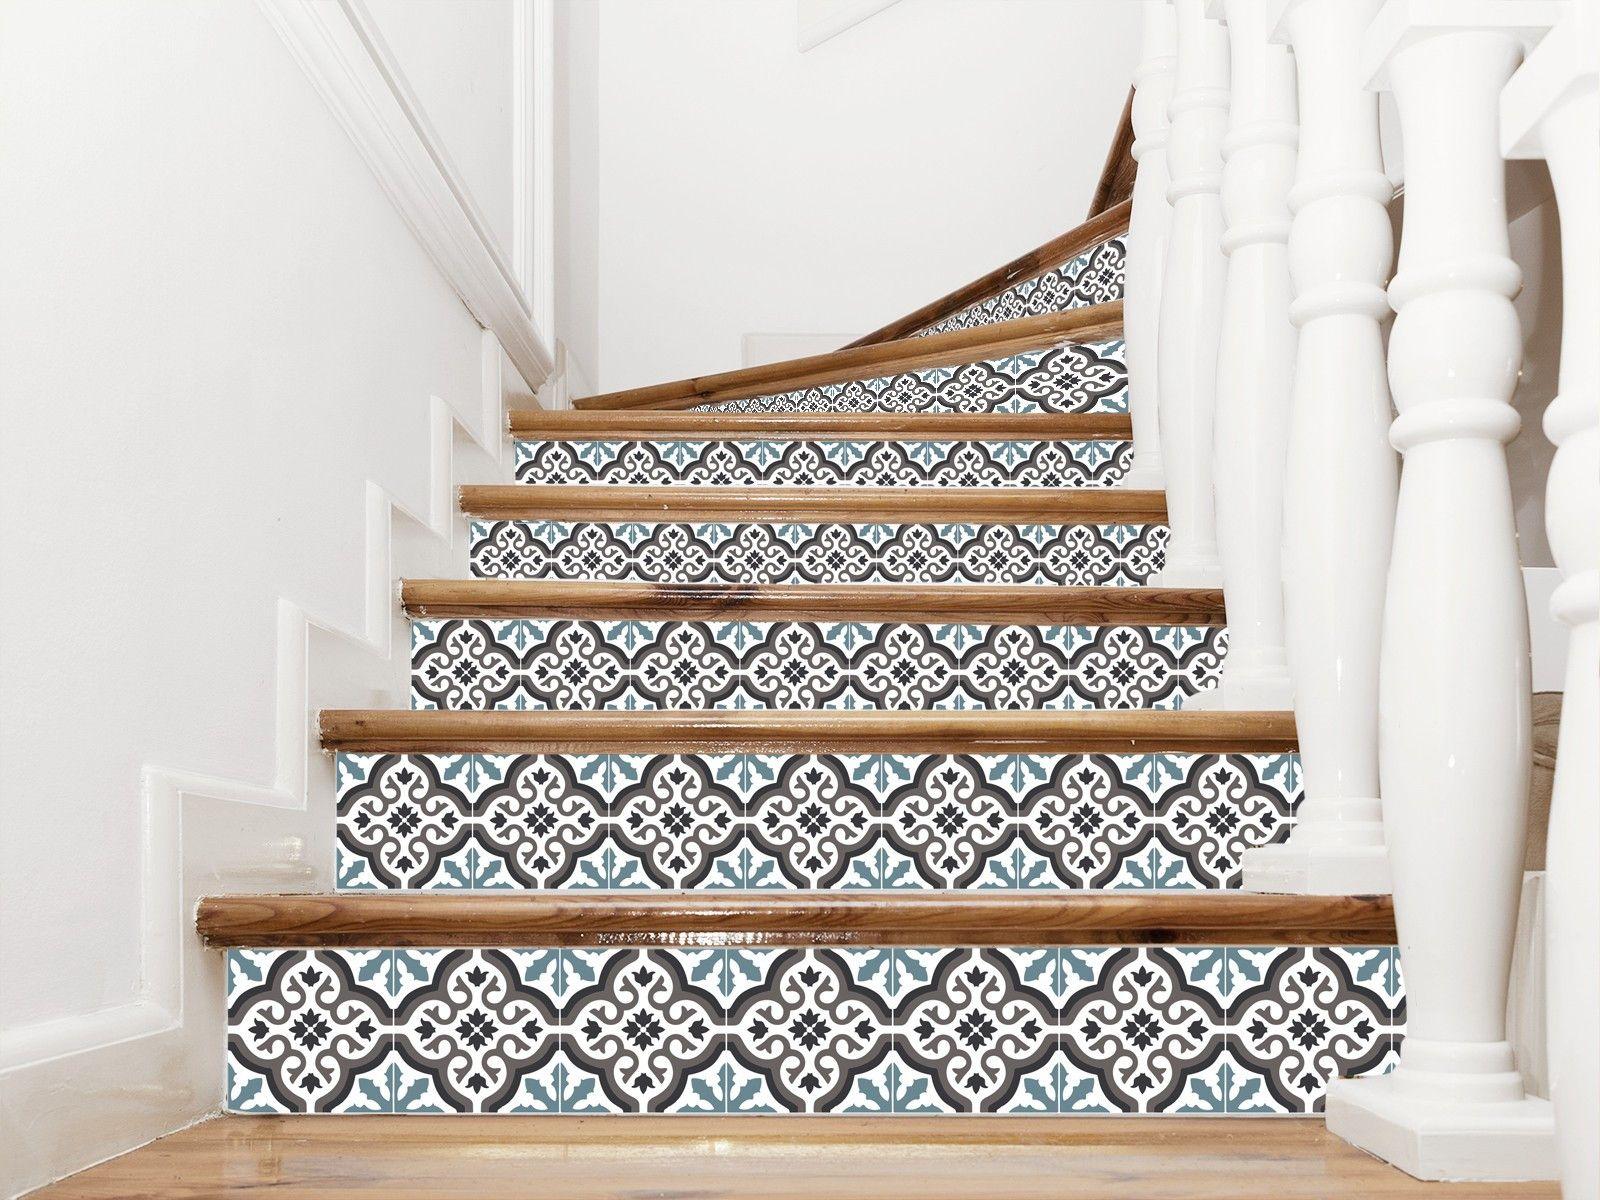 Adhesif Carreaux Ciment Pour Contremarches Modele Trianon Bleu Escalier Decoration Escalier Maison Bord De Mer Decoration